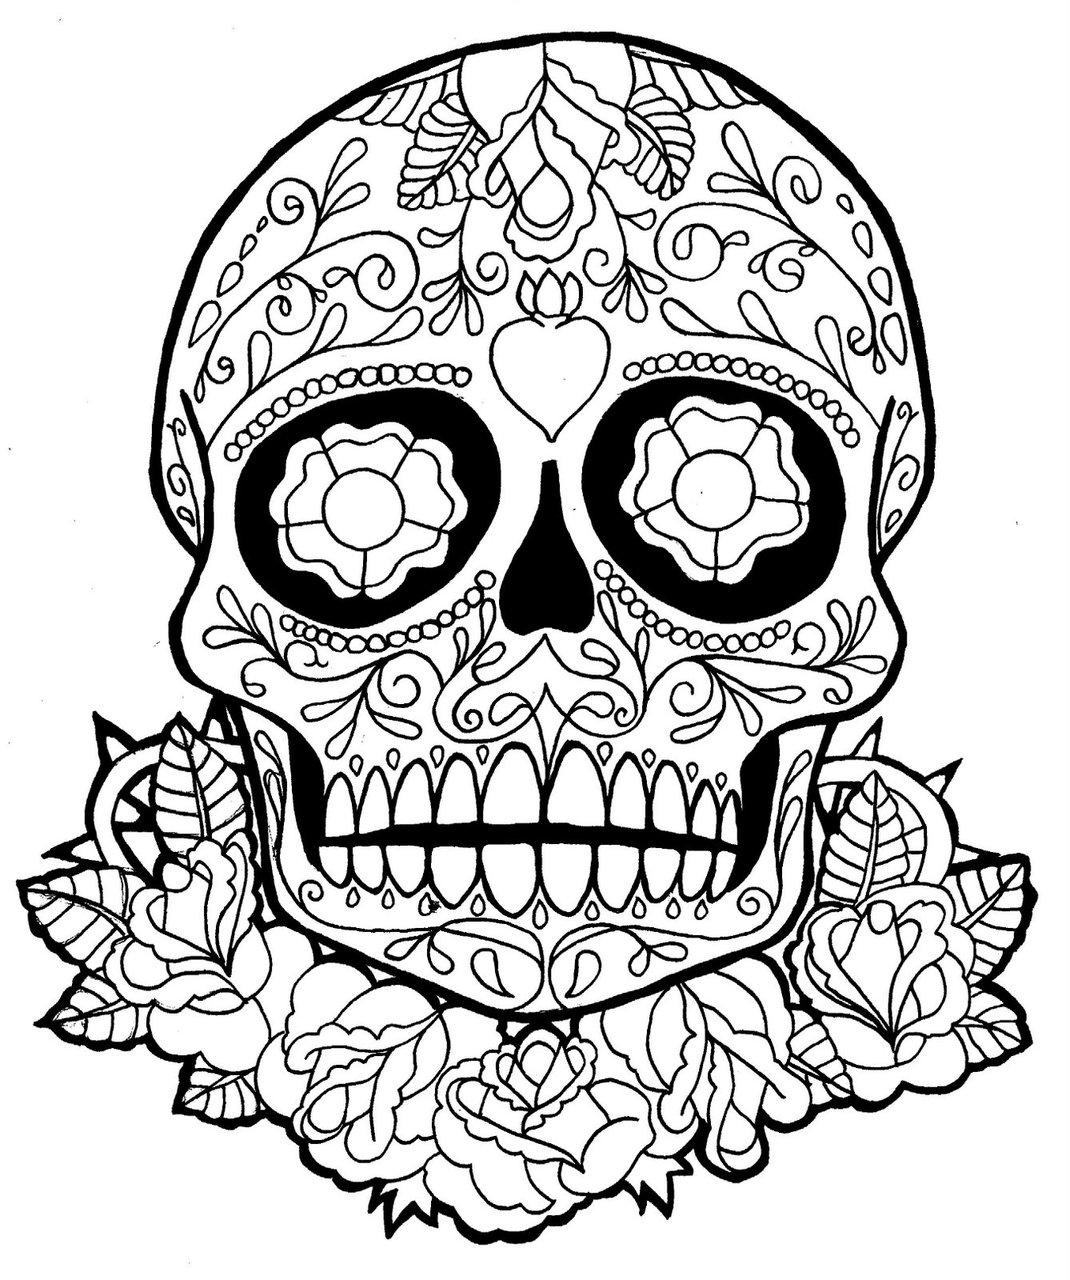 dia de los muertos coloring dia de los muertos coloring pages to download and print de dia coloring los muertos